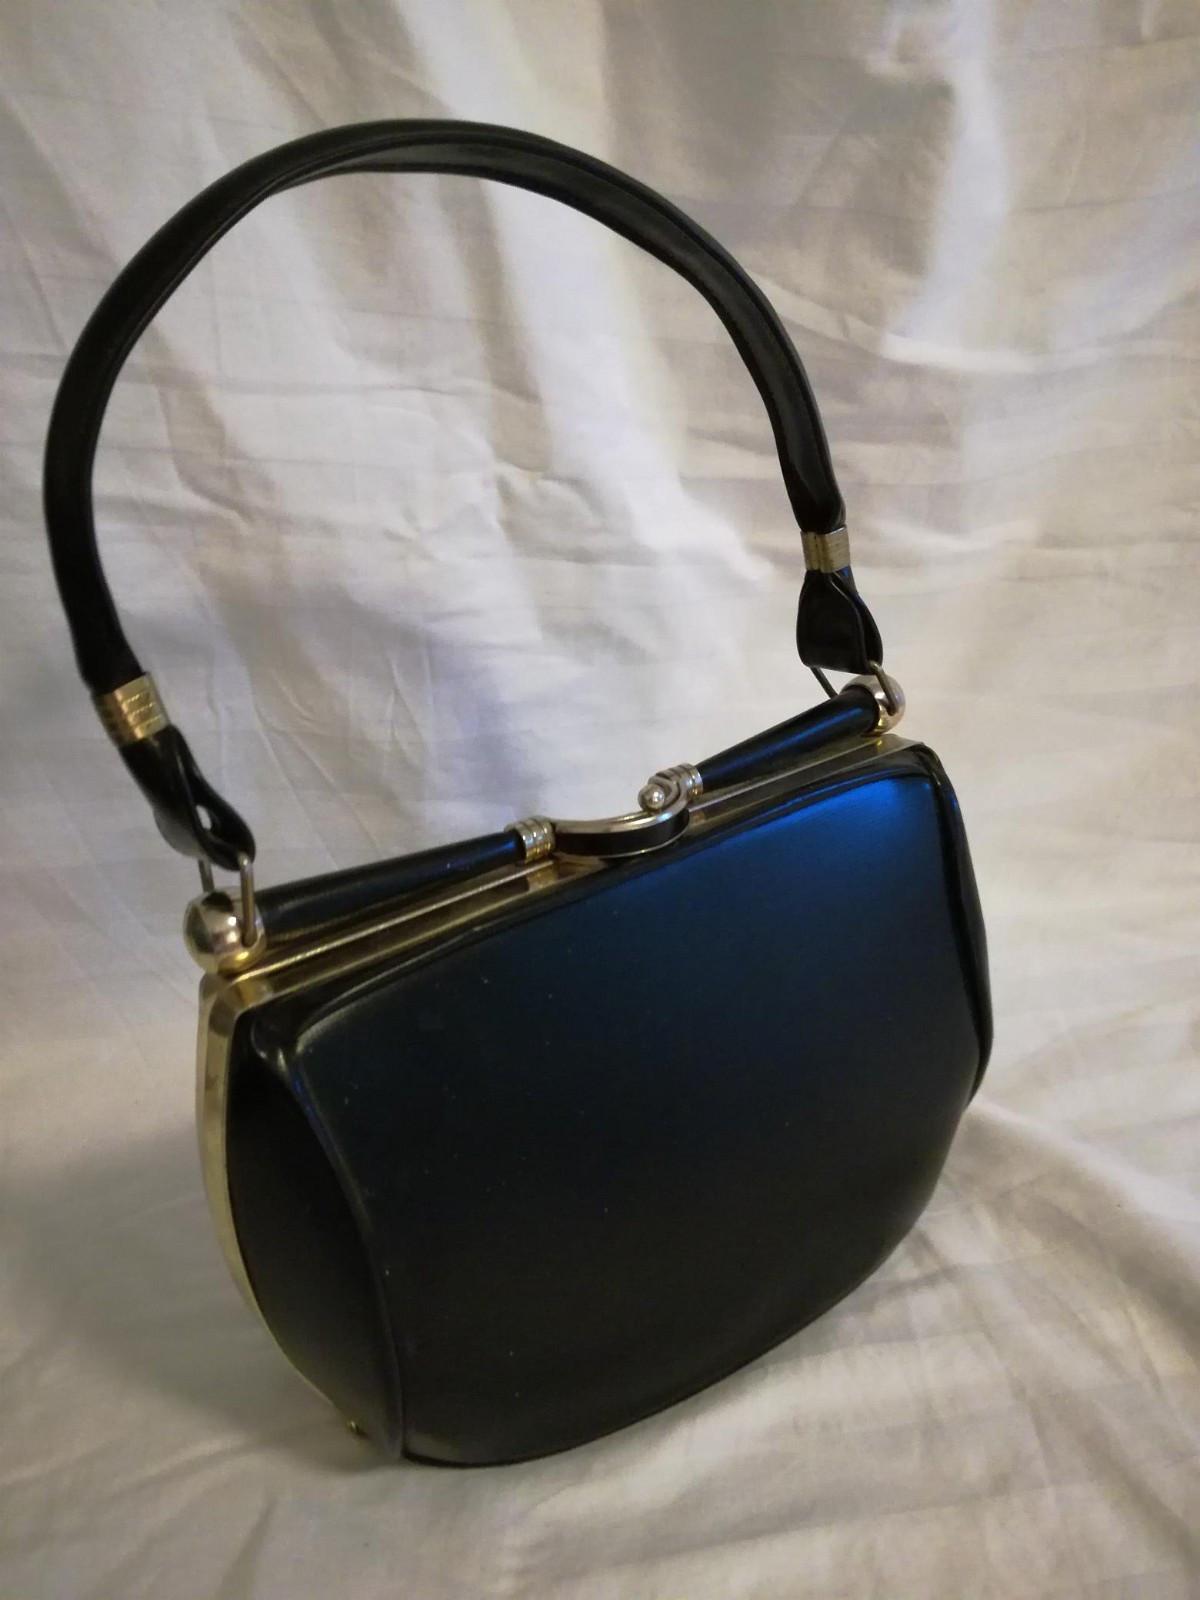 Vintage, sort håndveske fra 50 tallet med fine detaljer